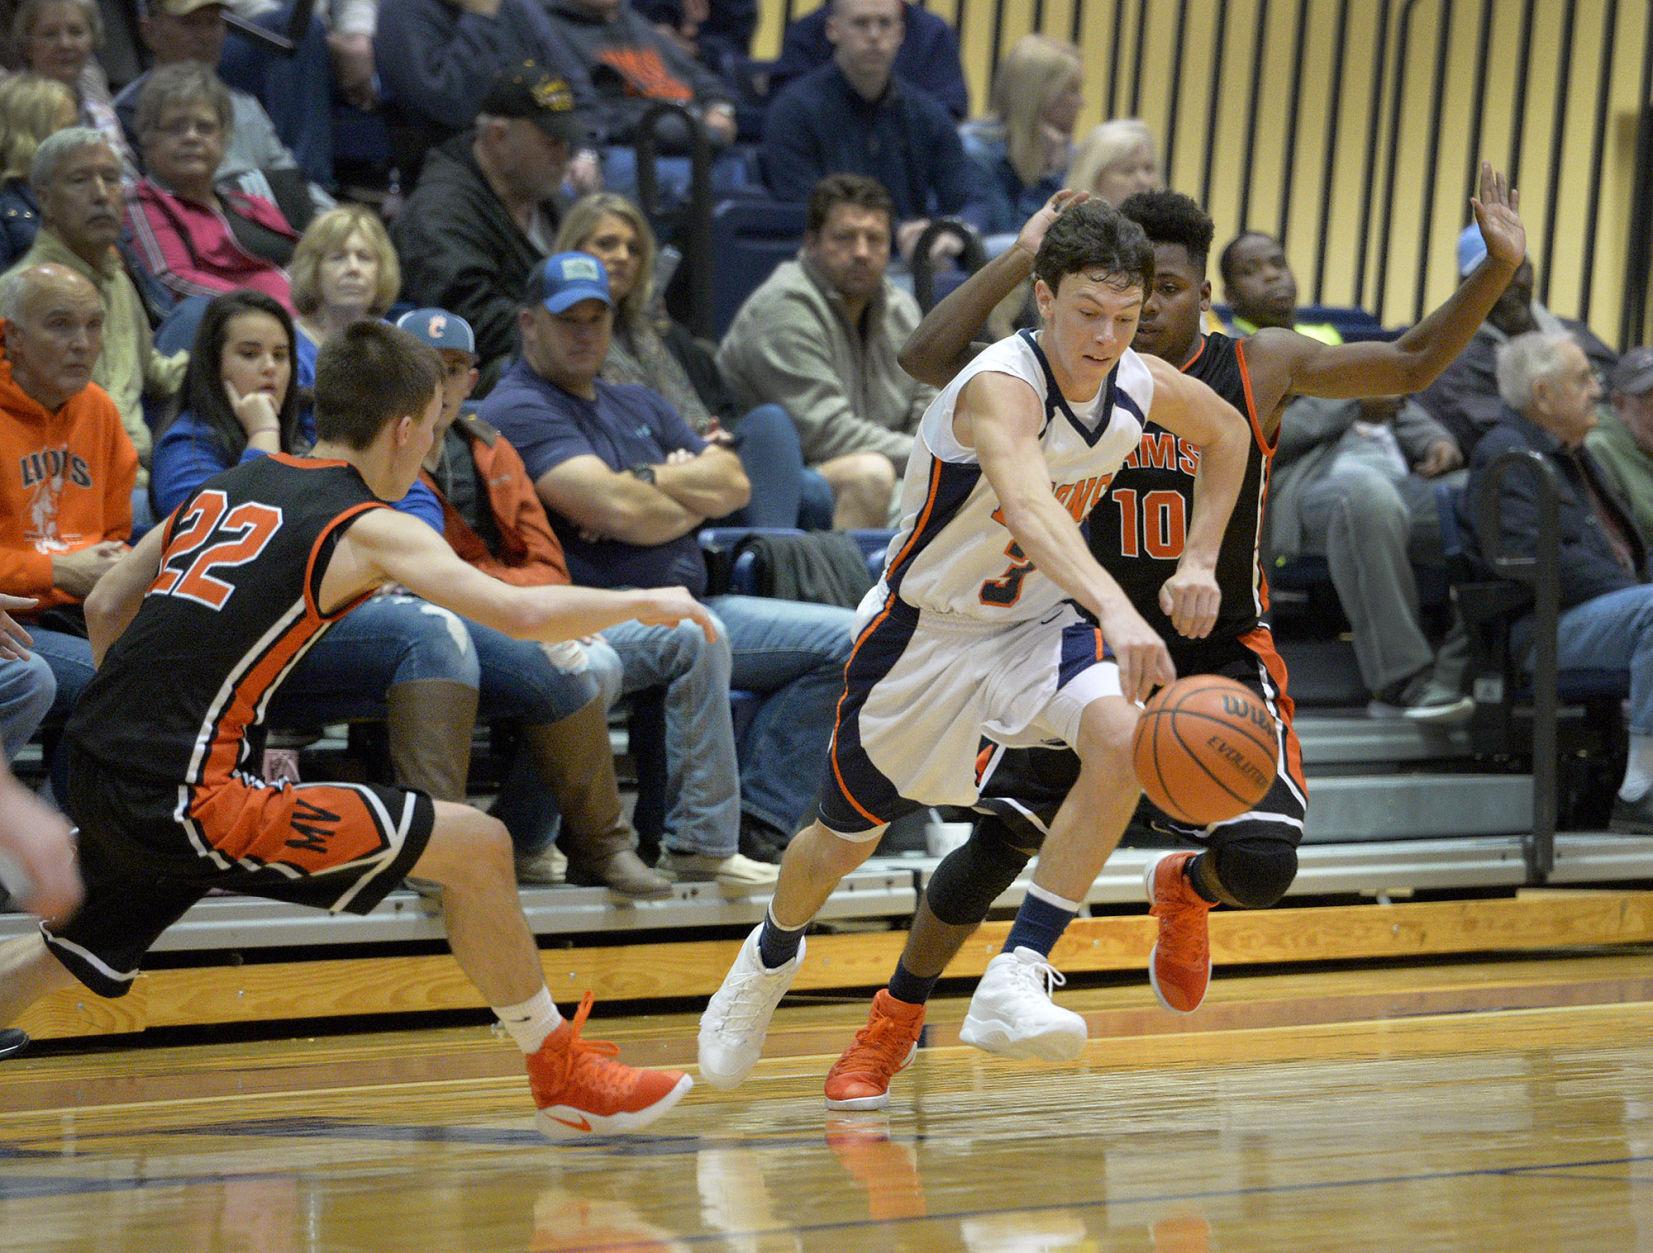 basketball coach cover letter%0A Prep Basketball  Carterville u    s defense shuts down Mount Vernon